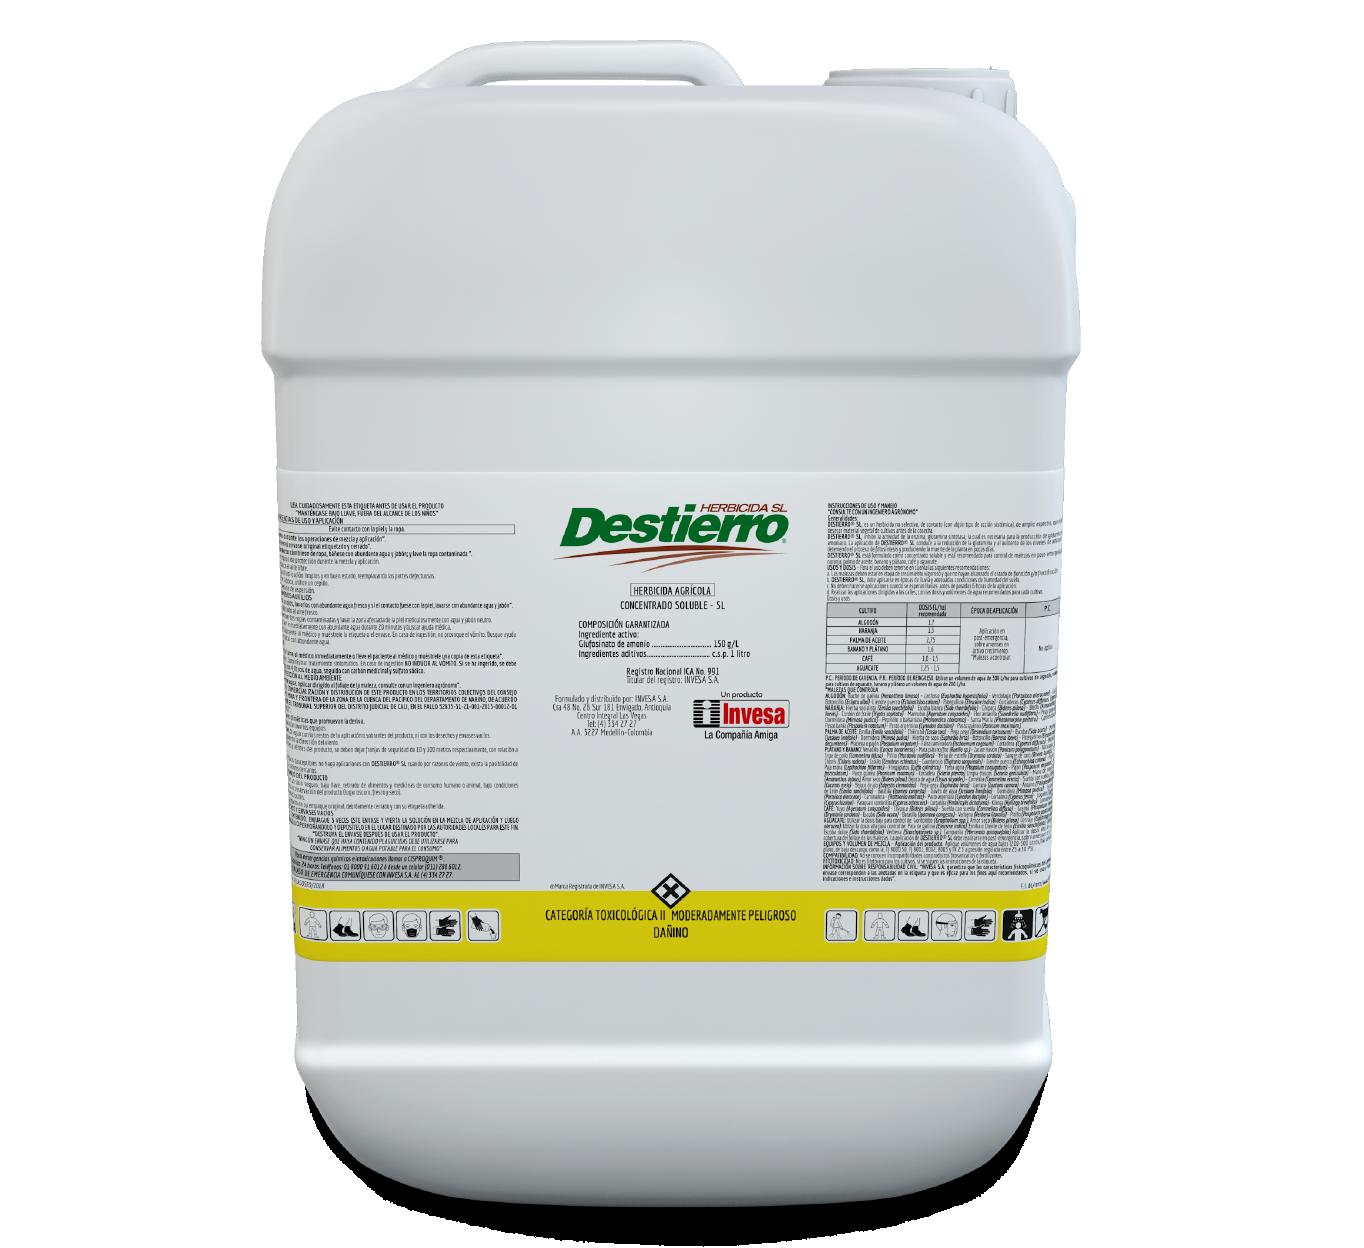 Herbicida destierro 150 invesa 20 litros